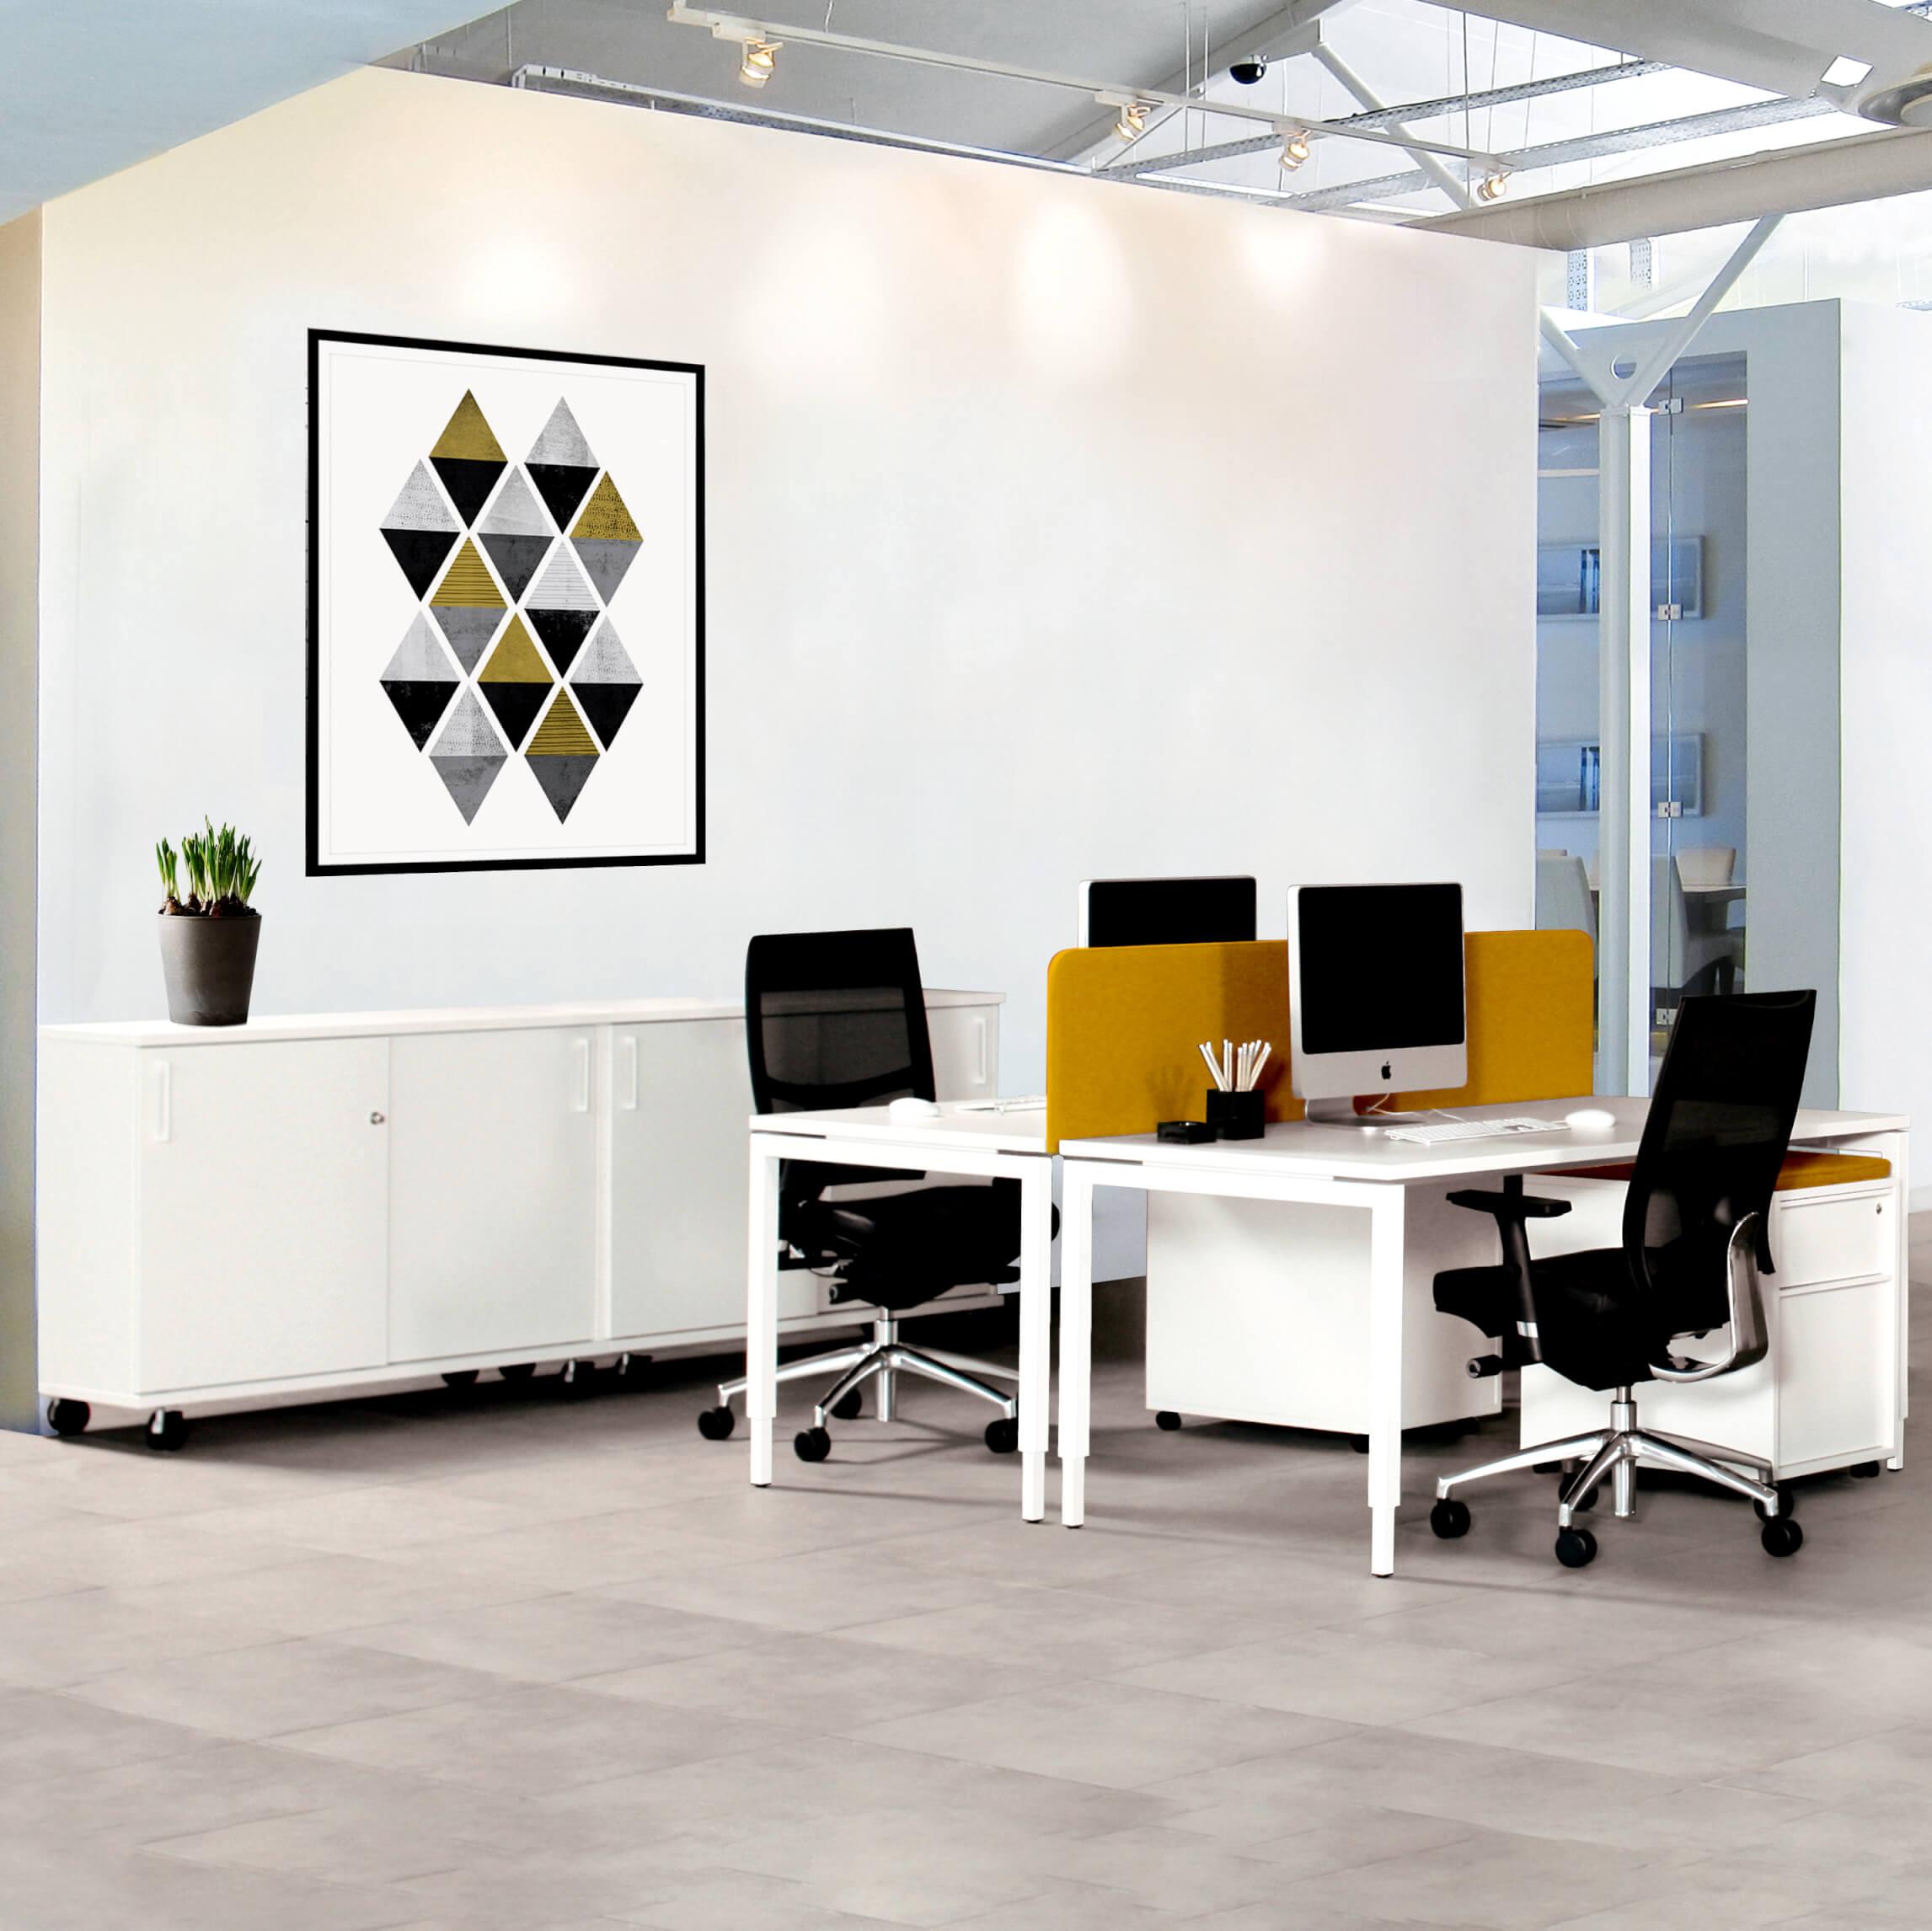 NOVA UH Schreibtisch manuell höhenverstellbar 160x80cm Bürotisch Computertisch Büro